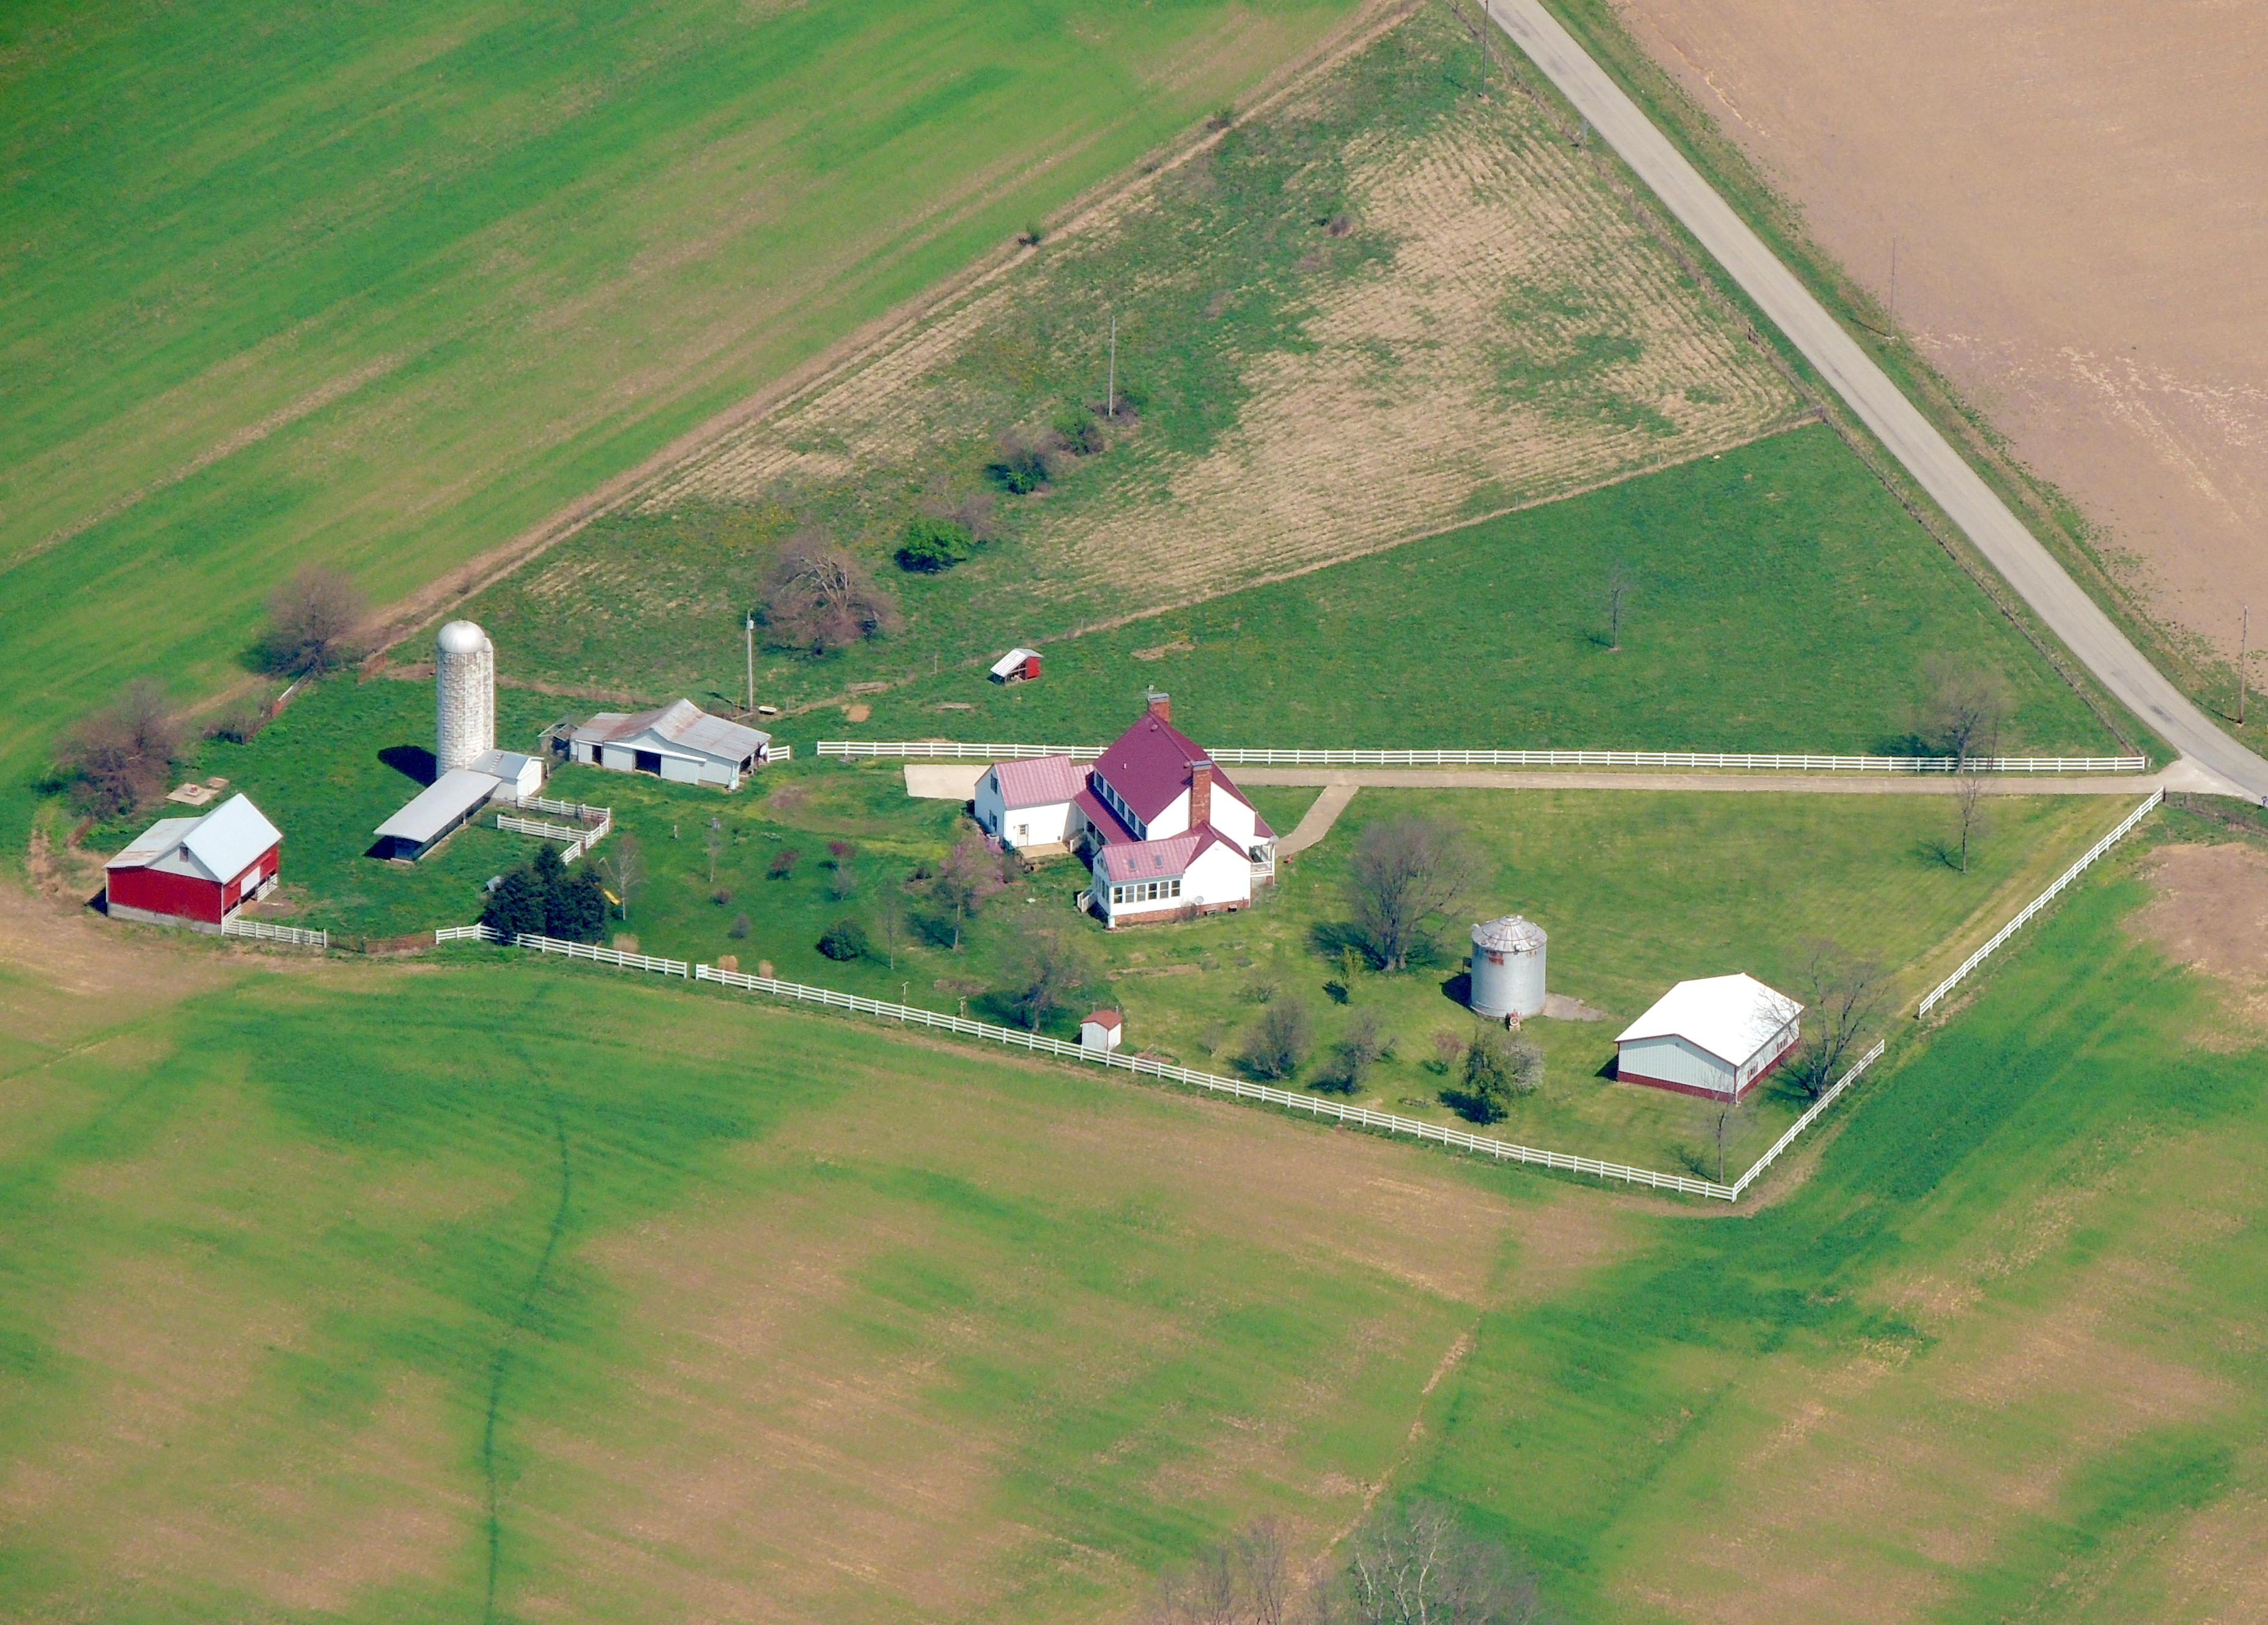 Farm in Ohio